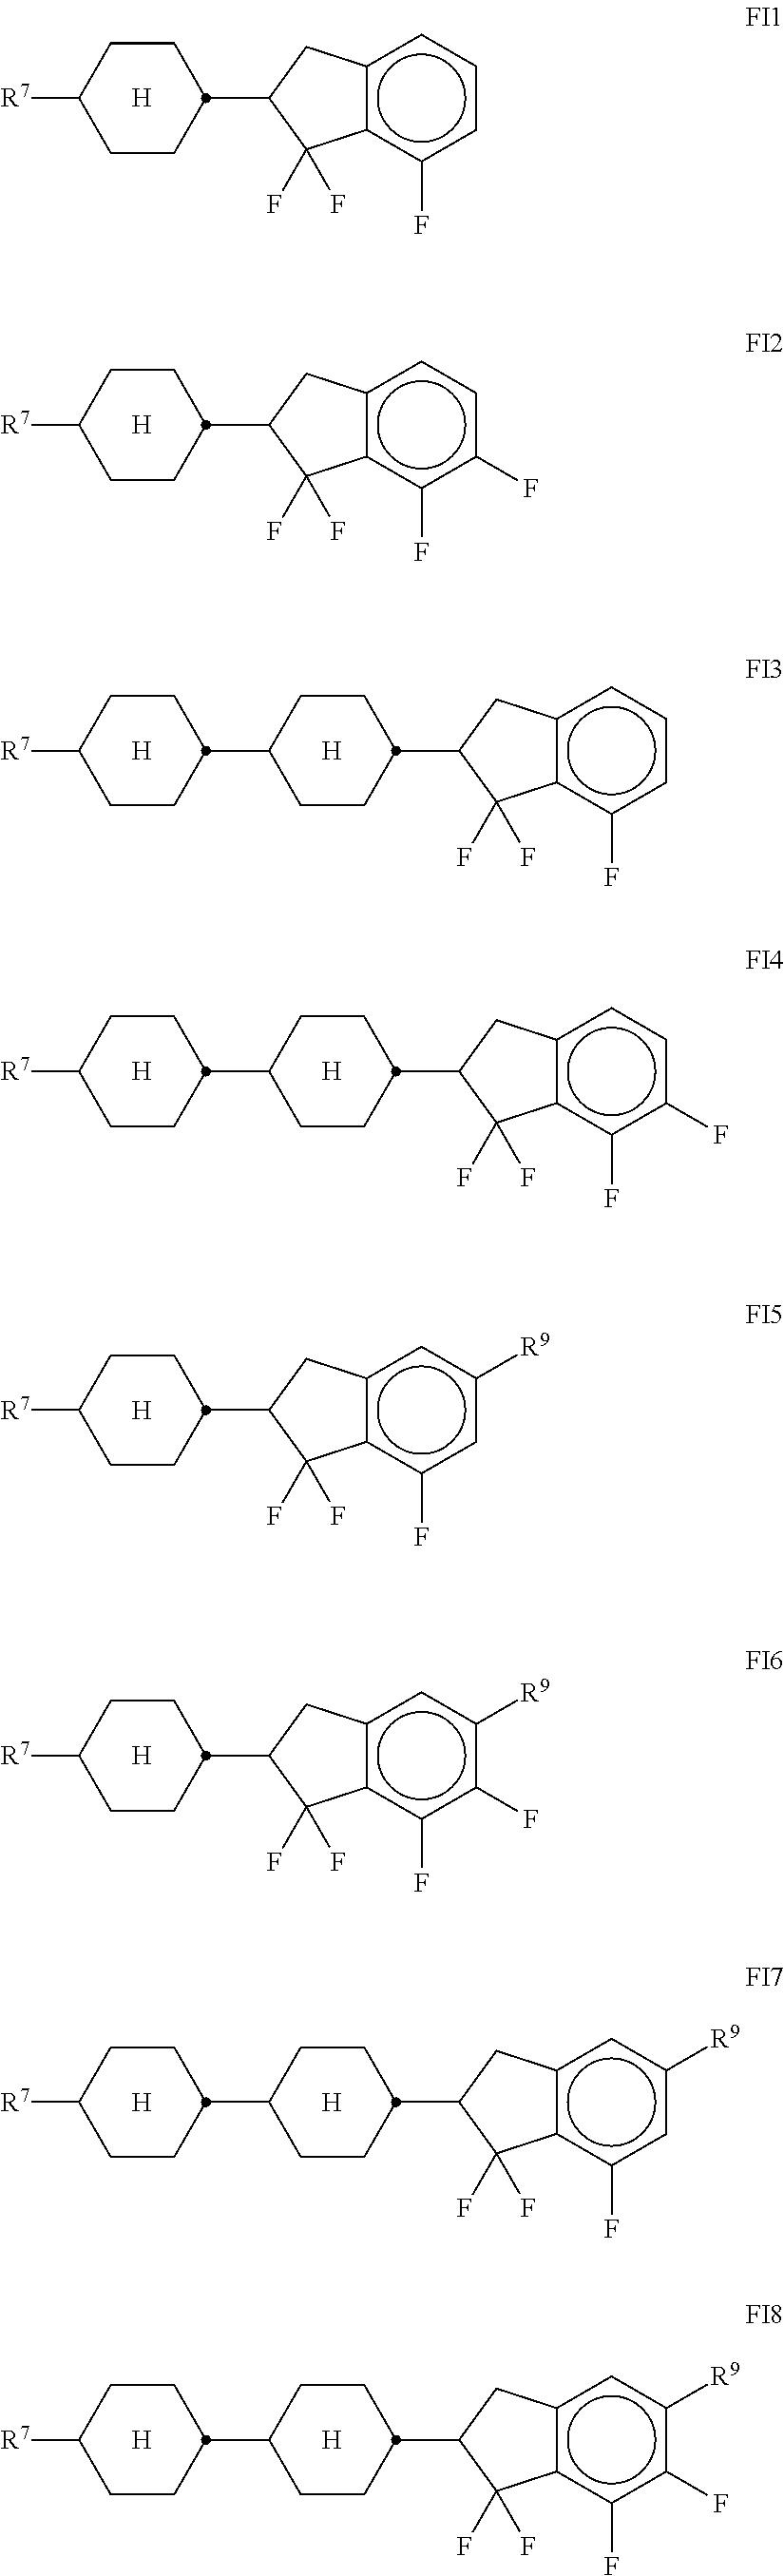 Figure US20110051049A1-20110303-C00047